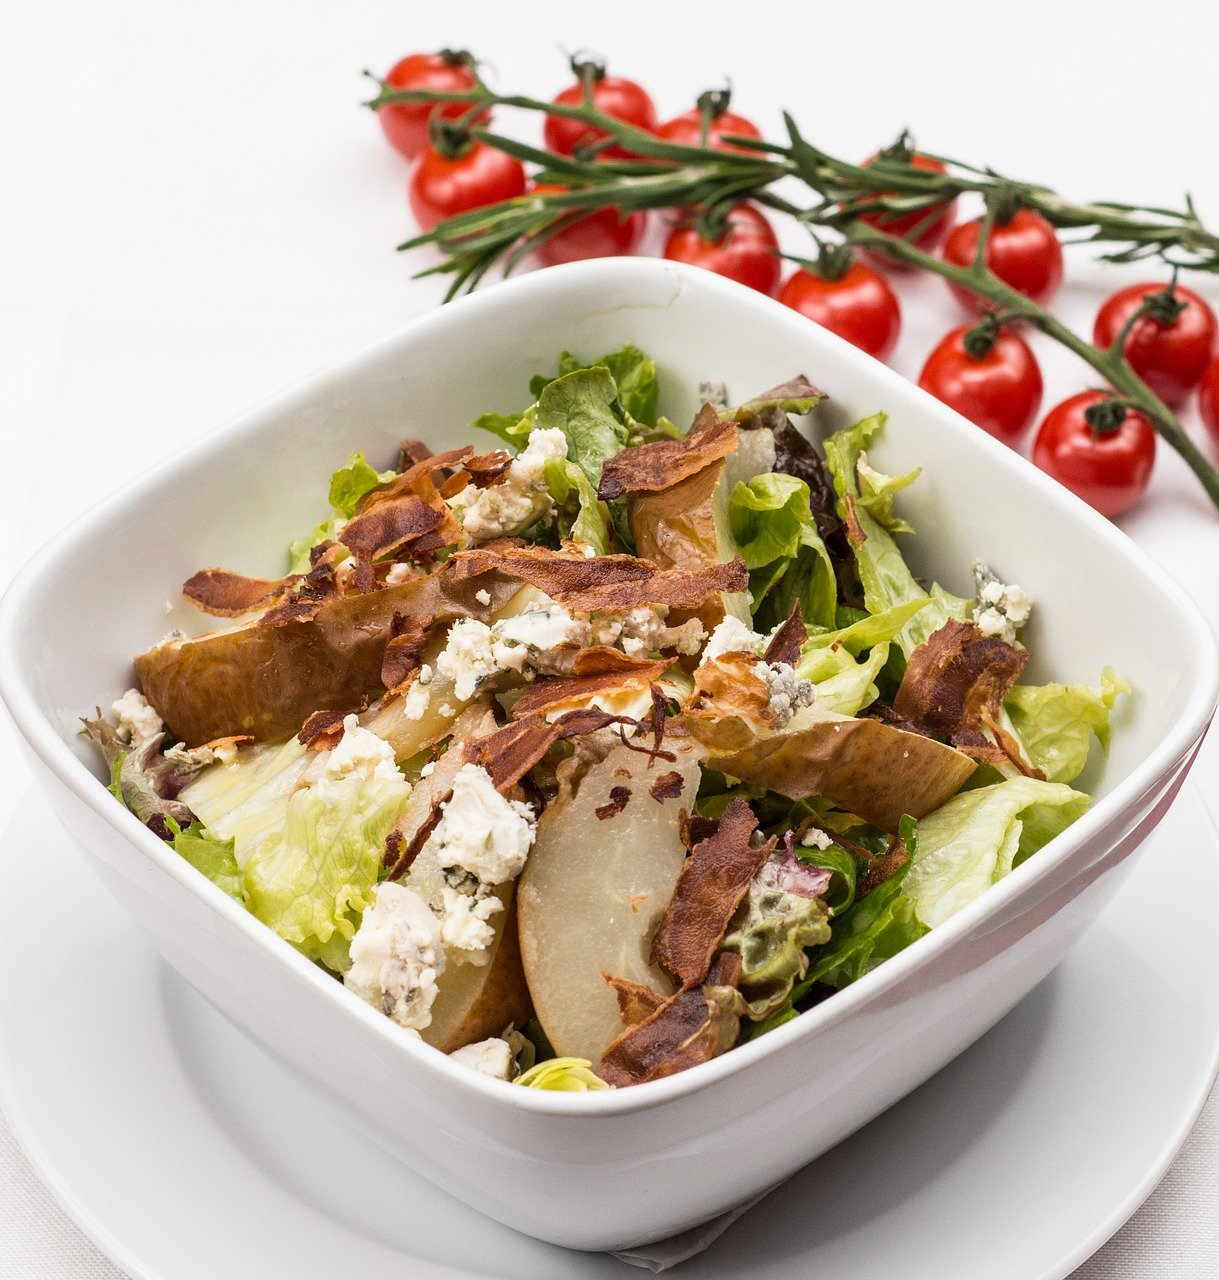 italian salad, chicken salad, vegetables